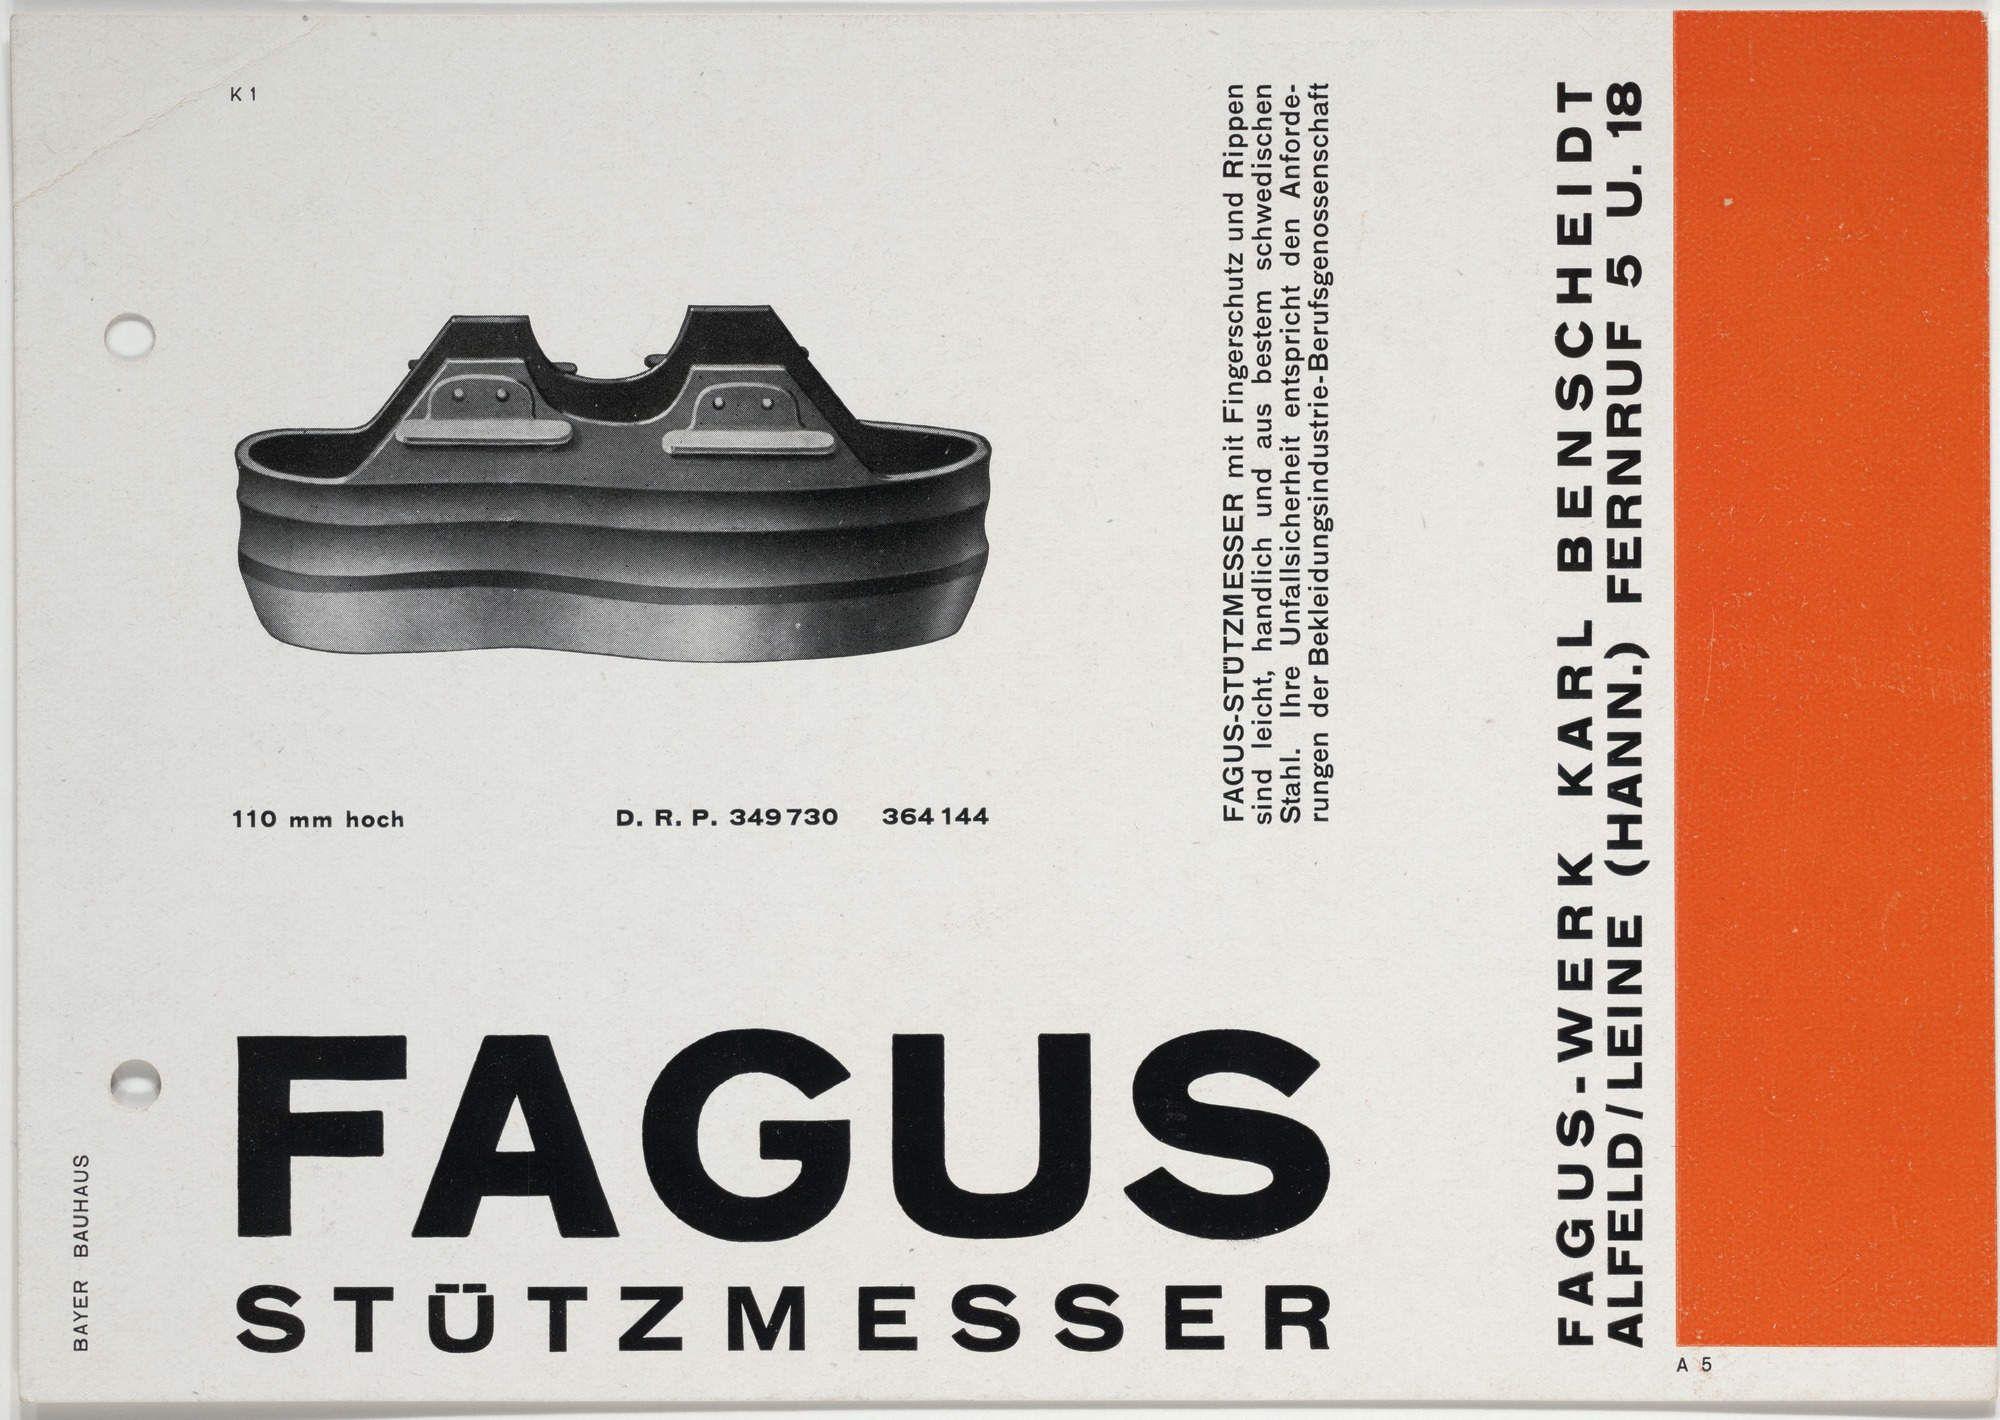 Herbert Bayer Fagus Stützmesser 1926